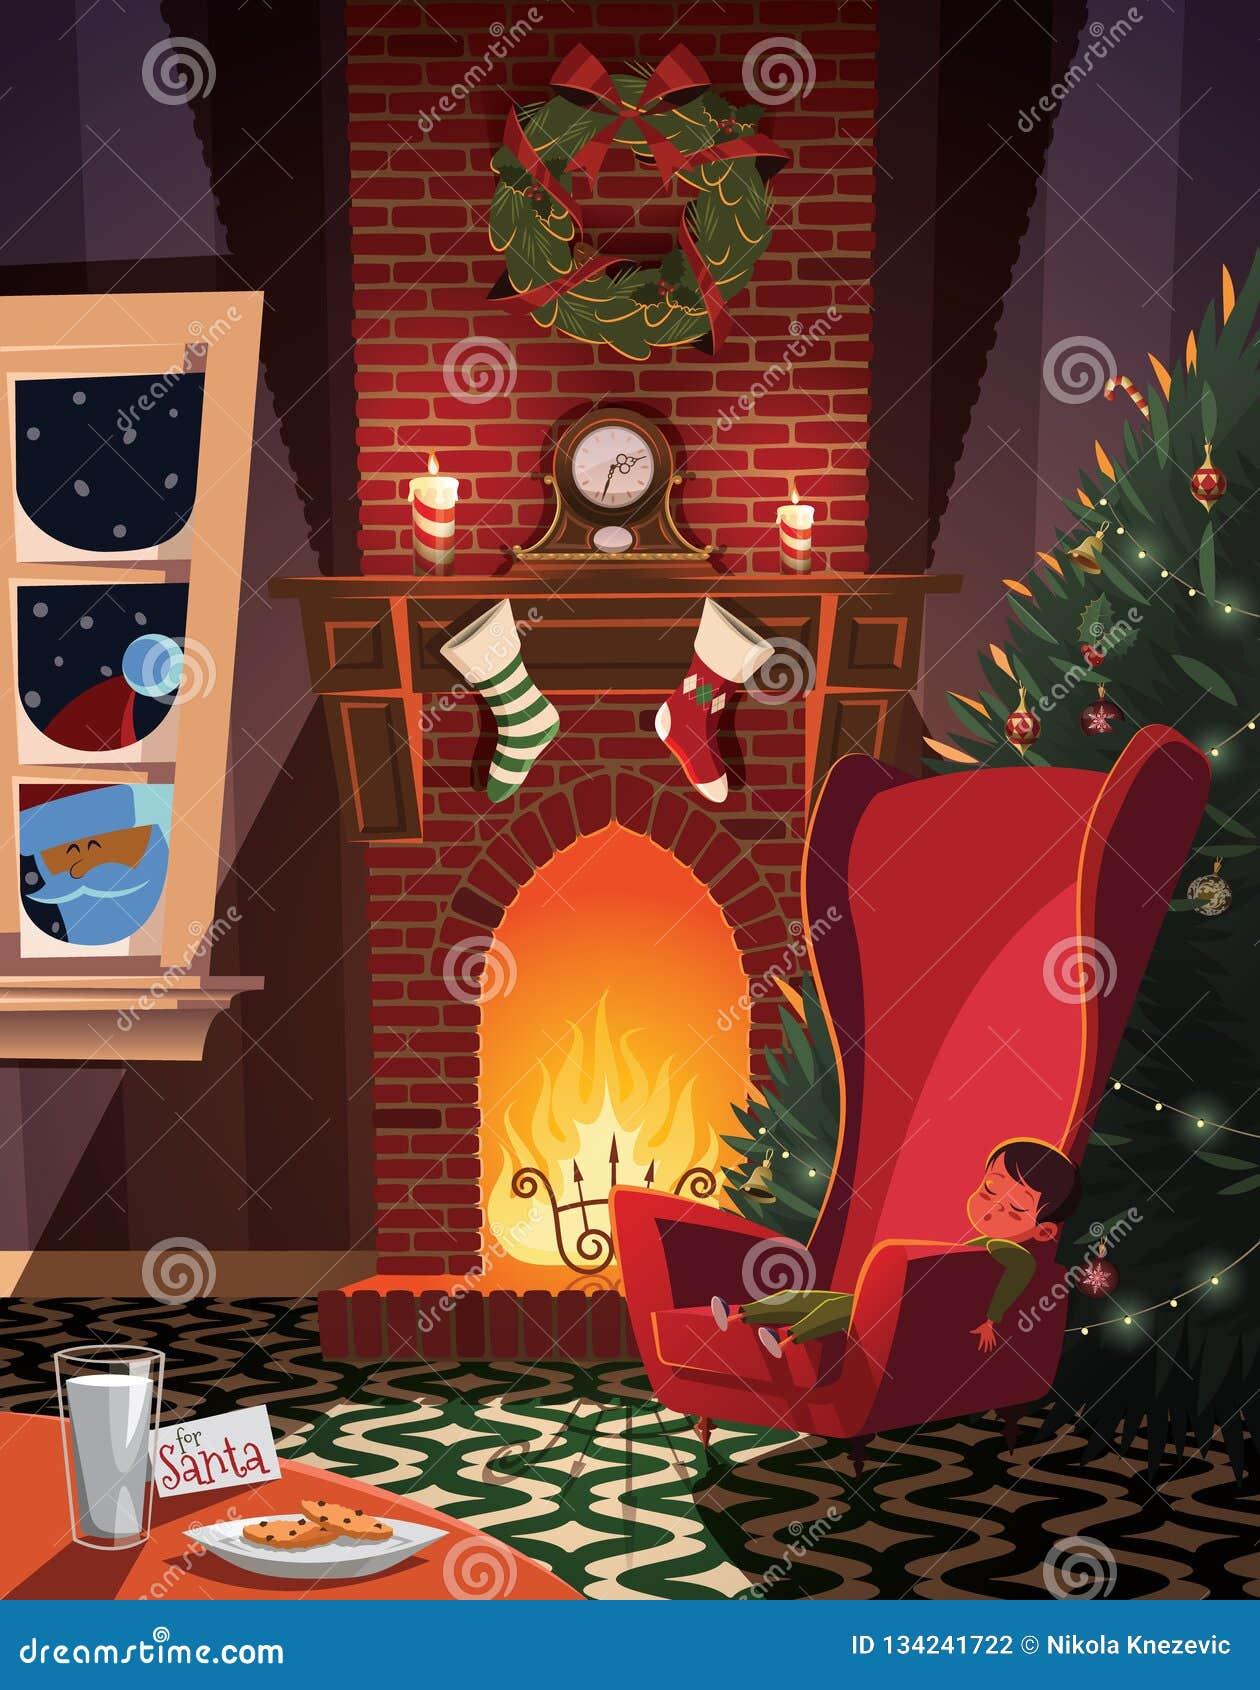 等待圣诞老人的睡觉的孩子在圣诞节装饰的室